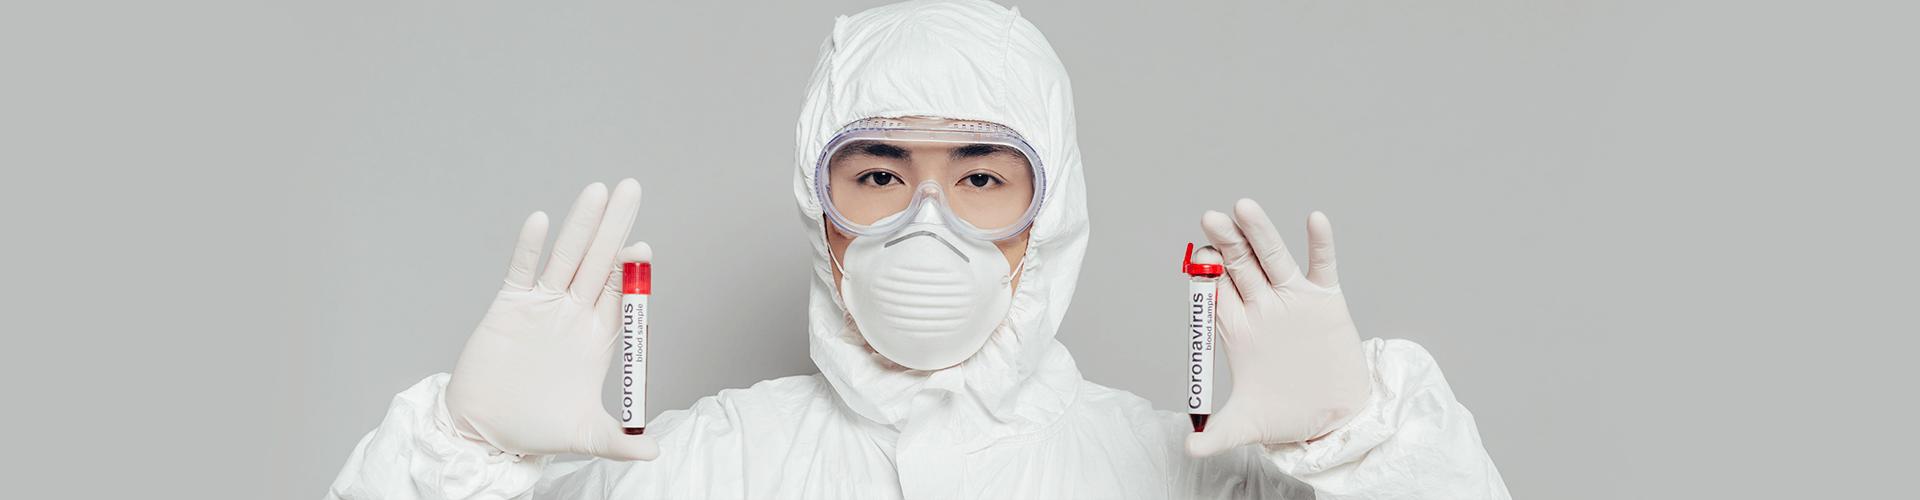 короновирус, пандемия